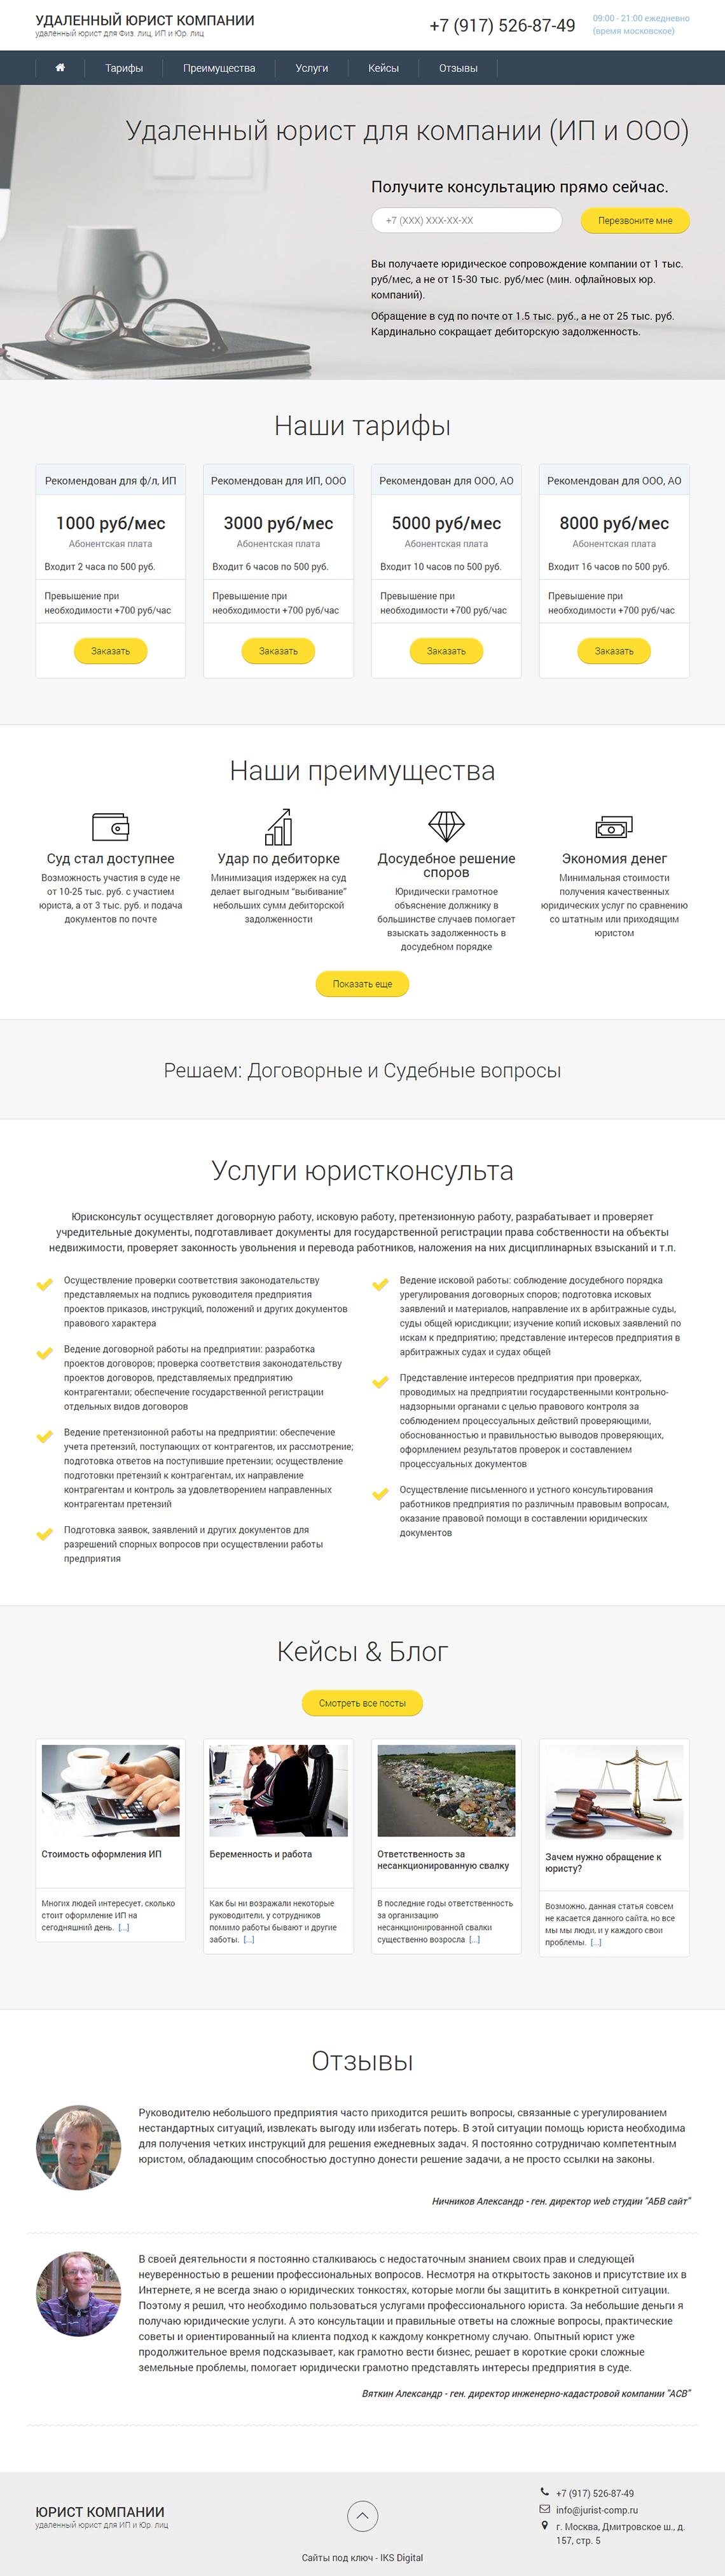 Работа удаленно юристом в москве net freelance projects